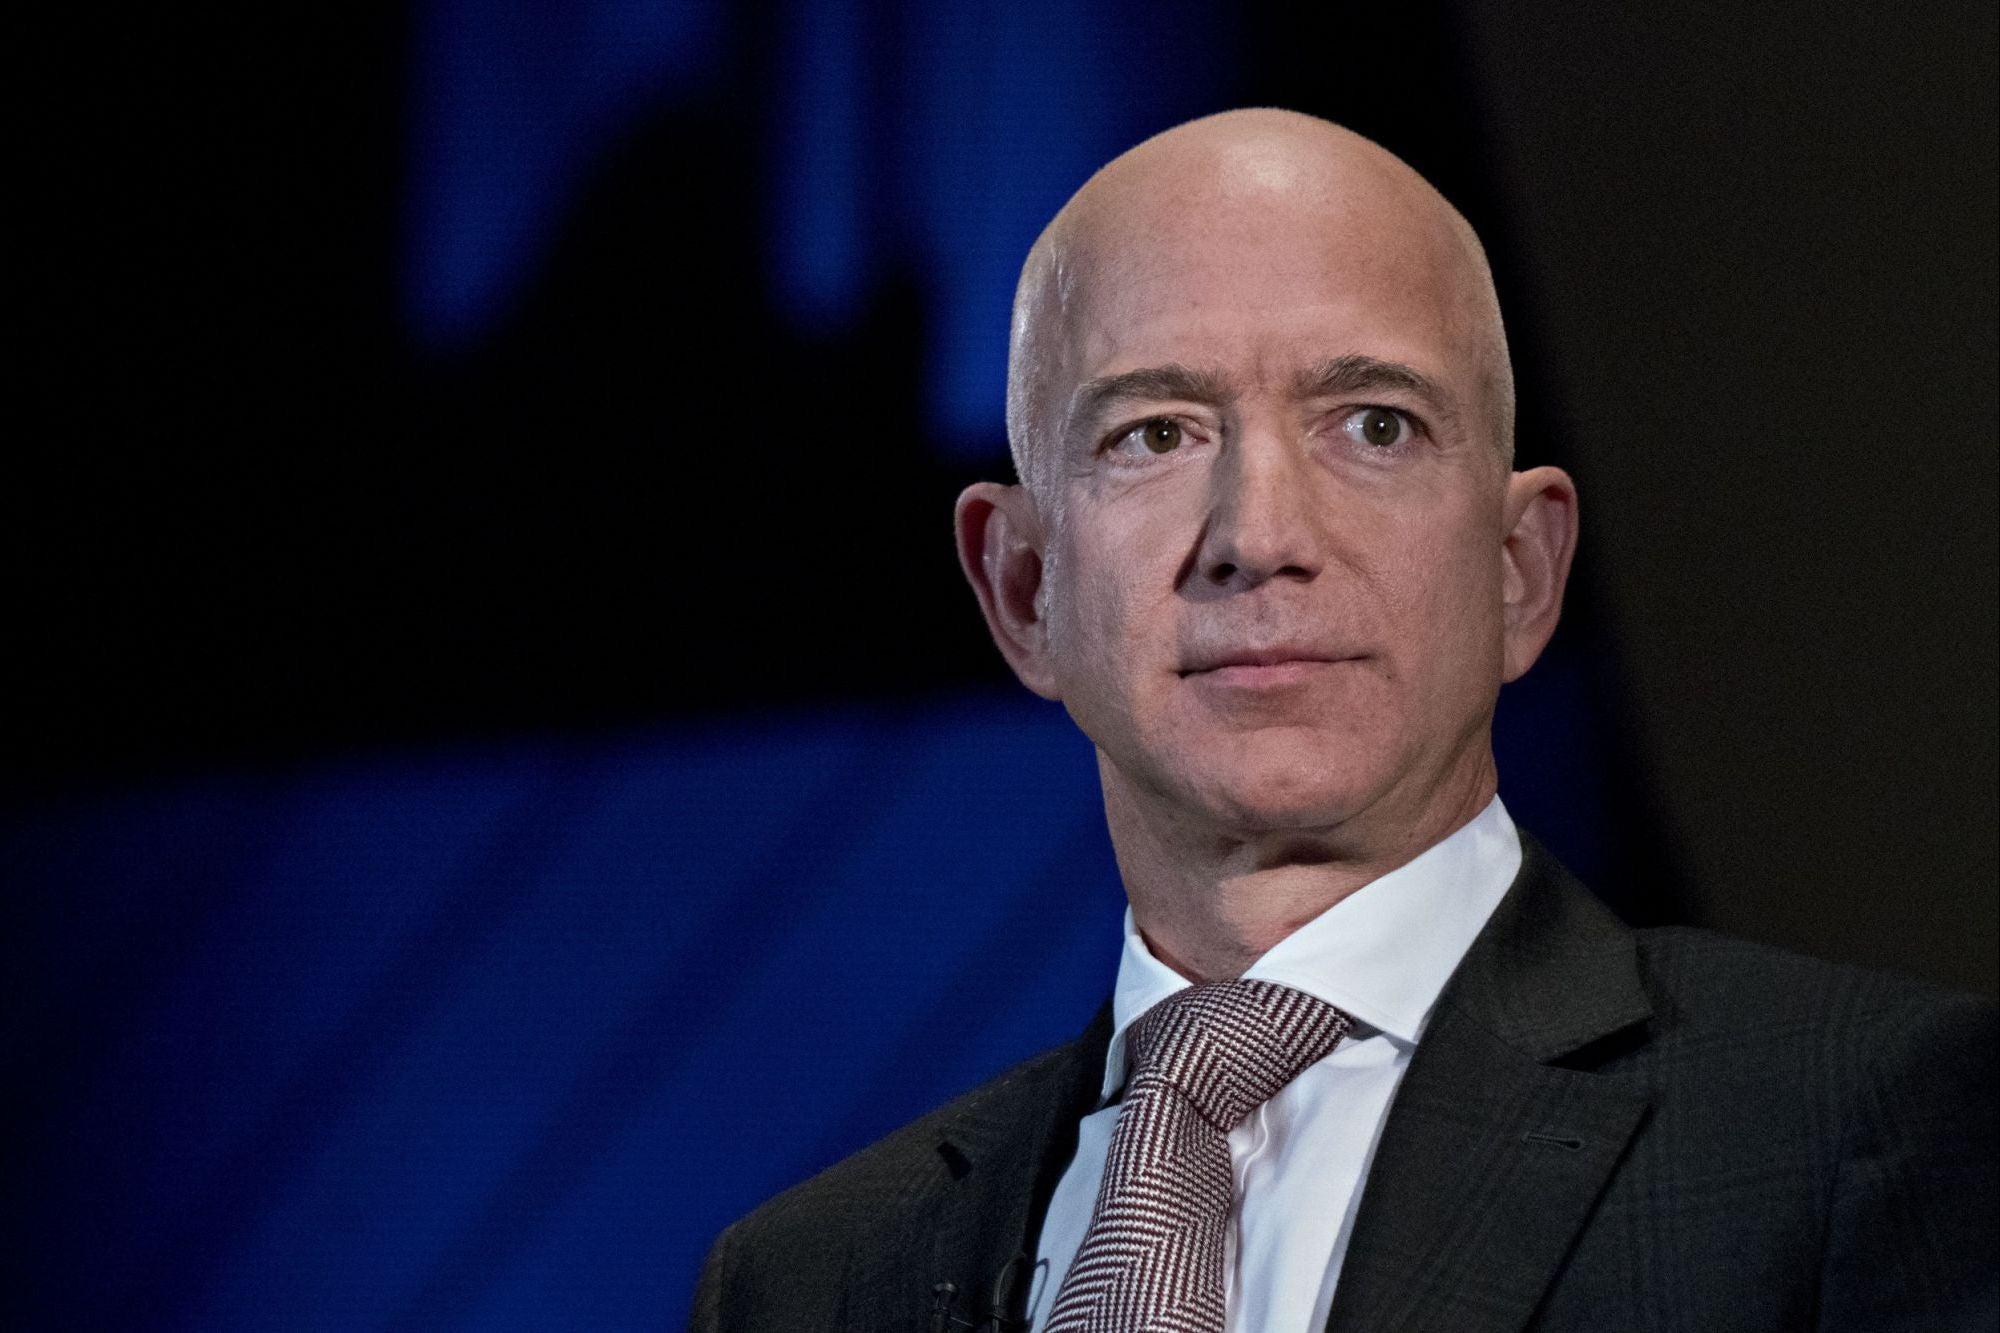 Ken Loach sobre el modelo Amazon: «Jeff Bezos tiene una riqueza inimaginable y la gente que trabaja para él son desesperadamente pobres»